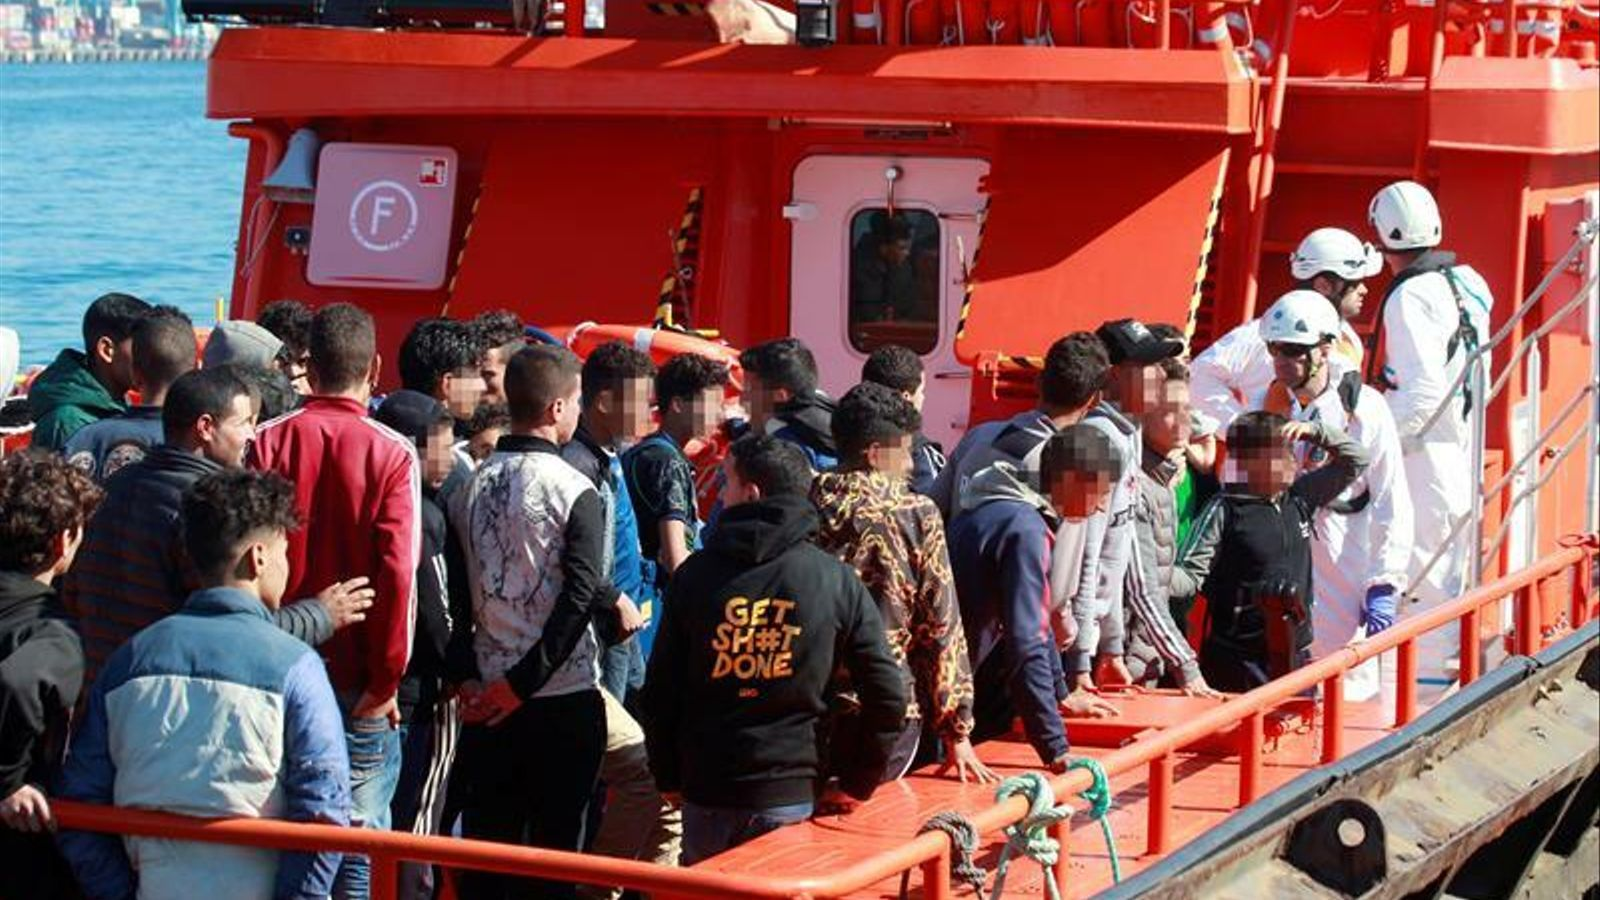 Rescatades 16 persones d'una pastera prop de Tarifa